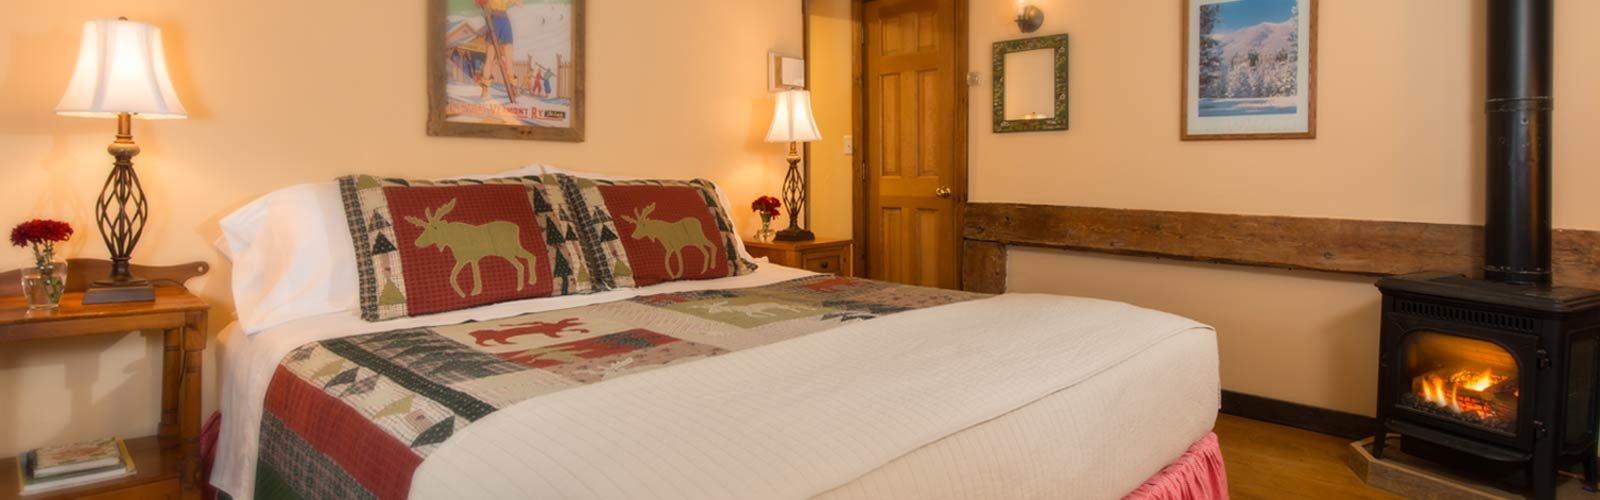 Nine unique guest rooms